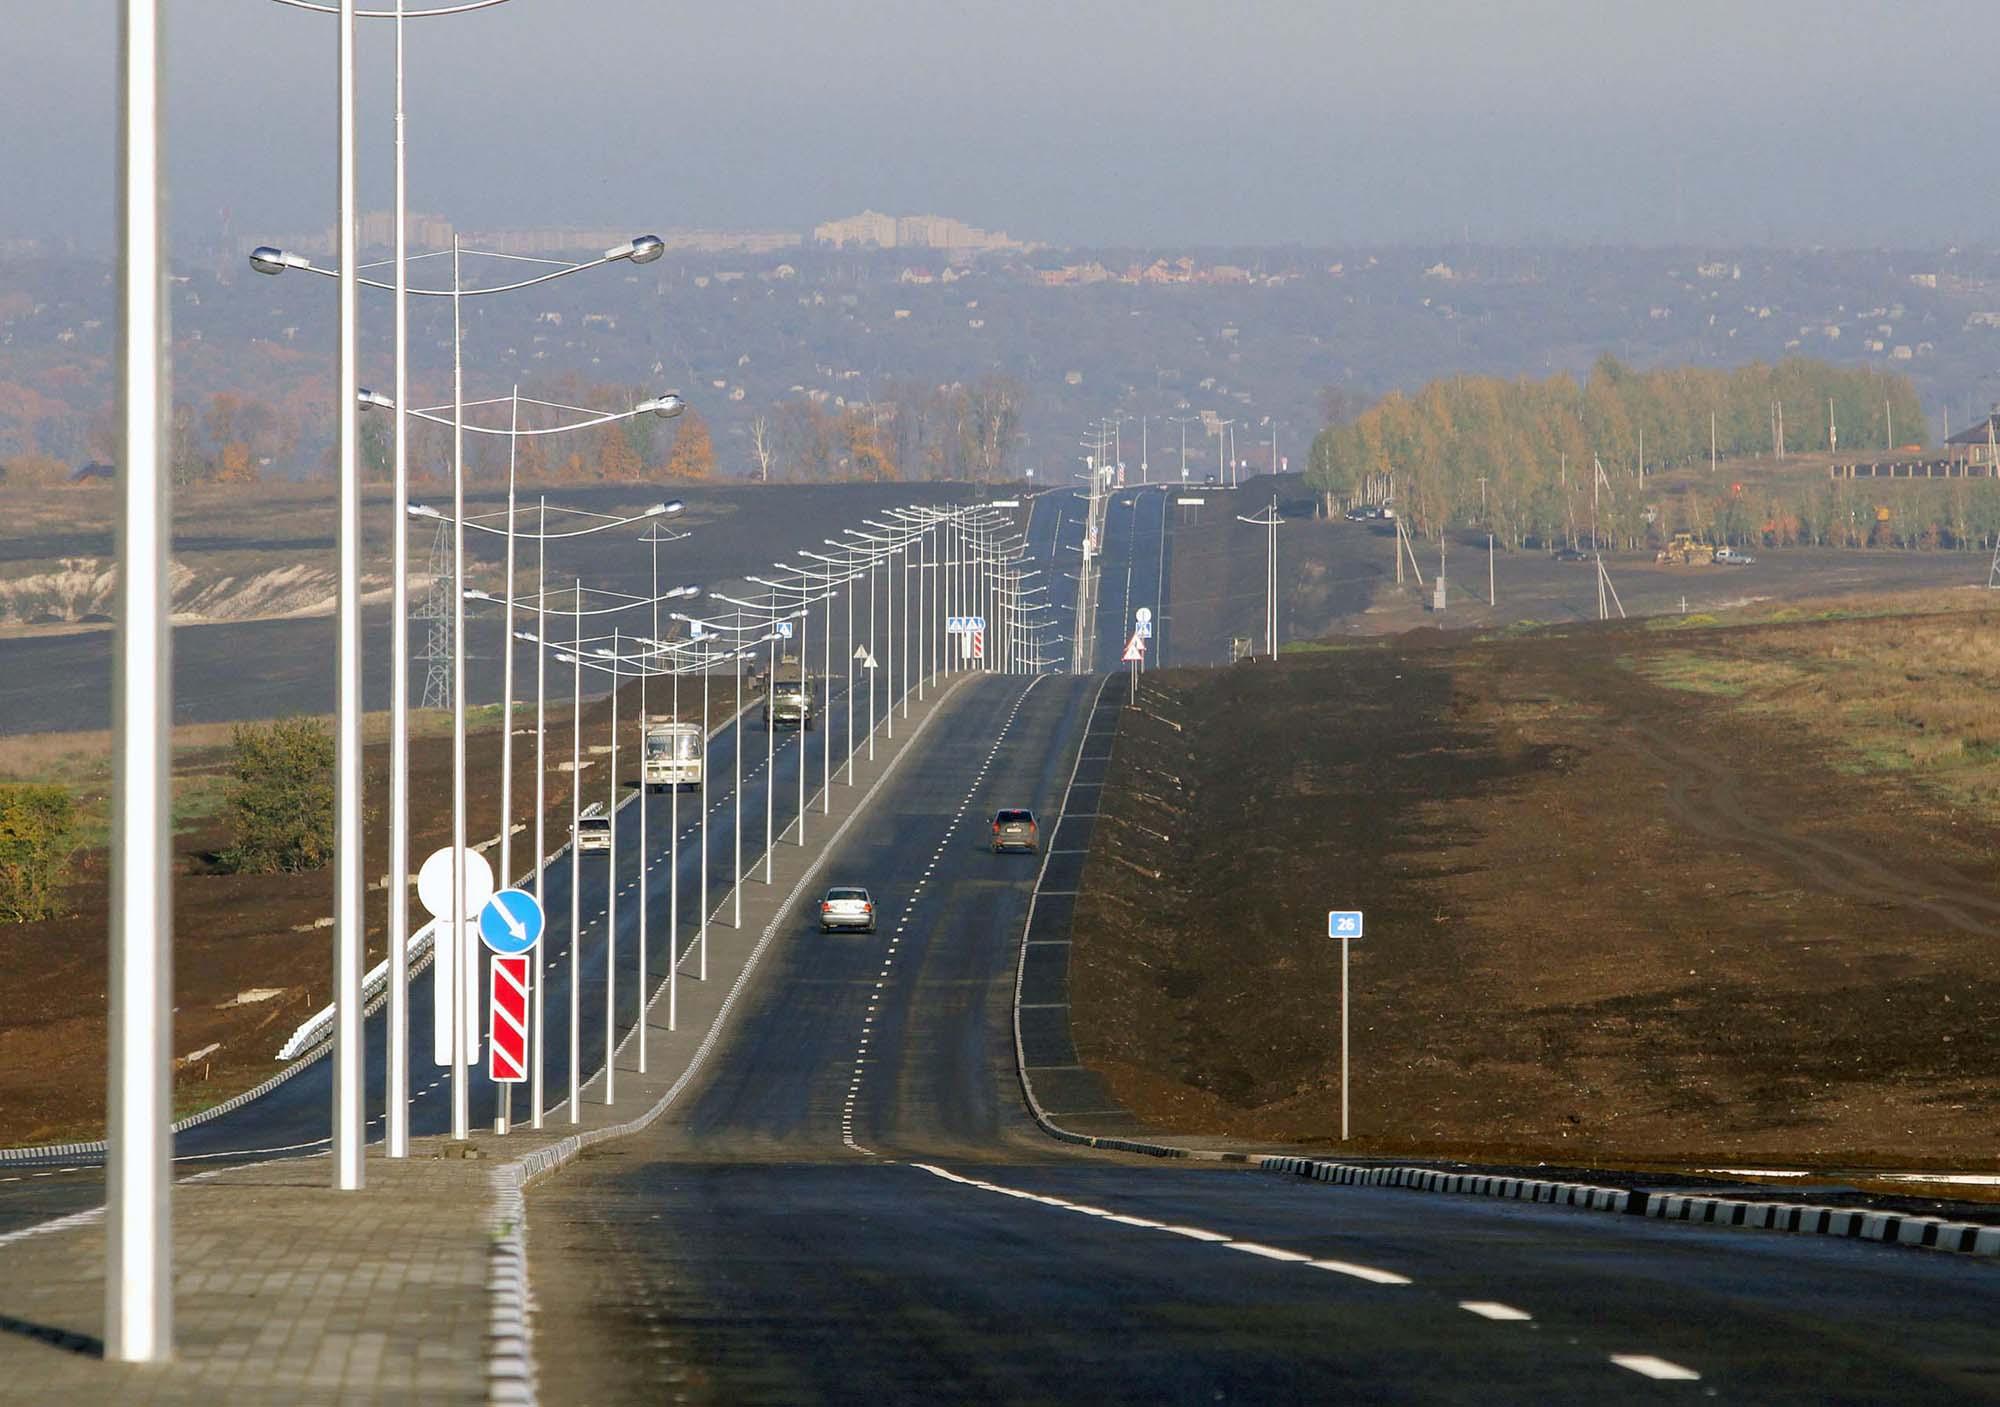 схема автомобильных дорог дальнего востока в 2013 году.